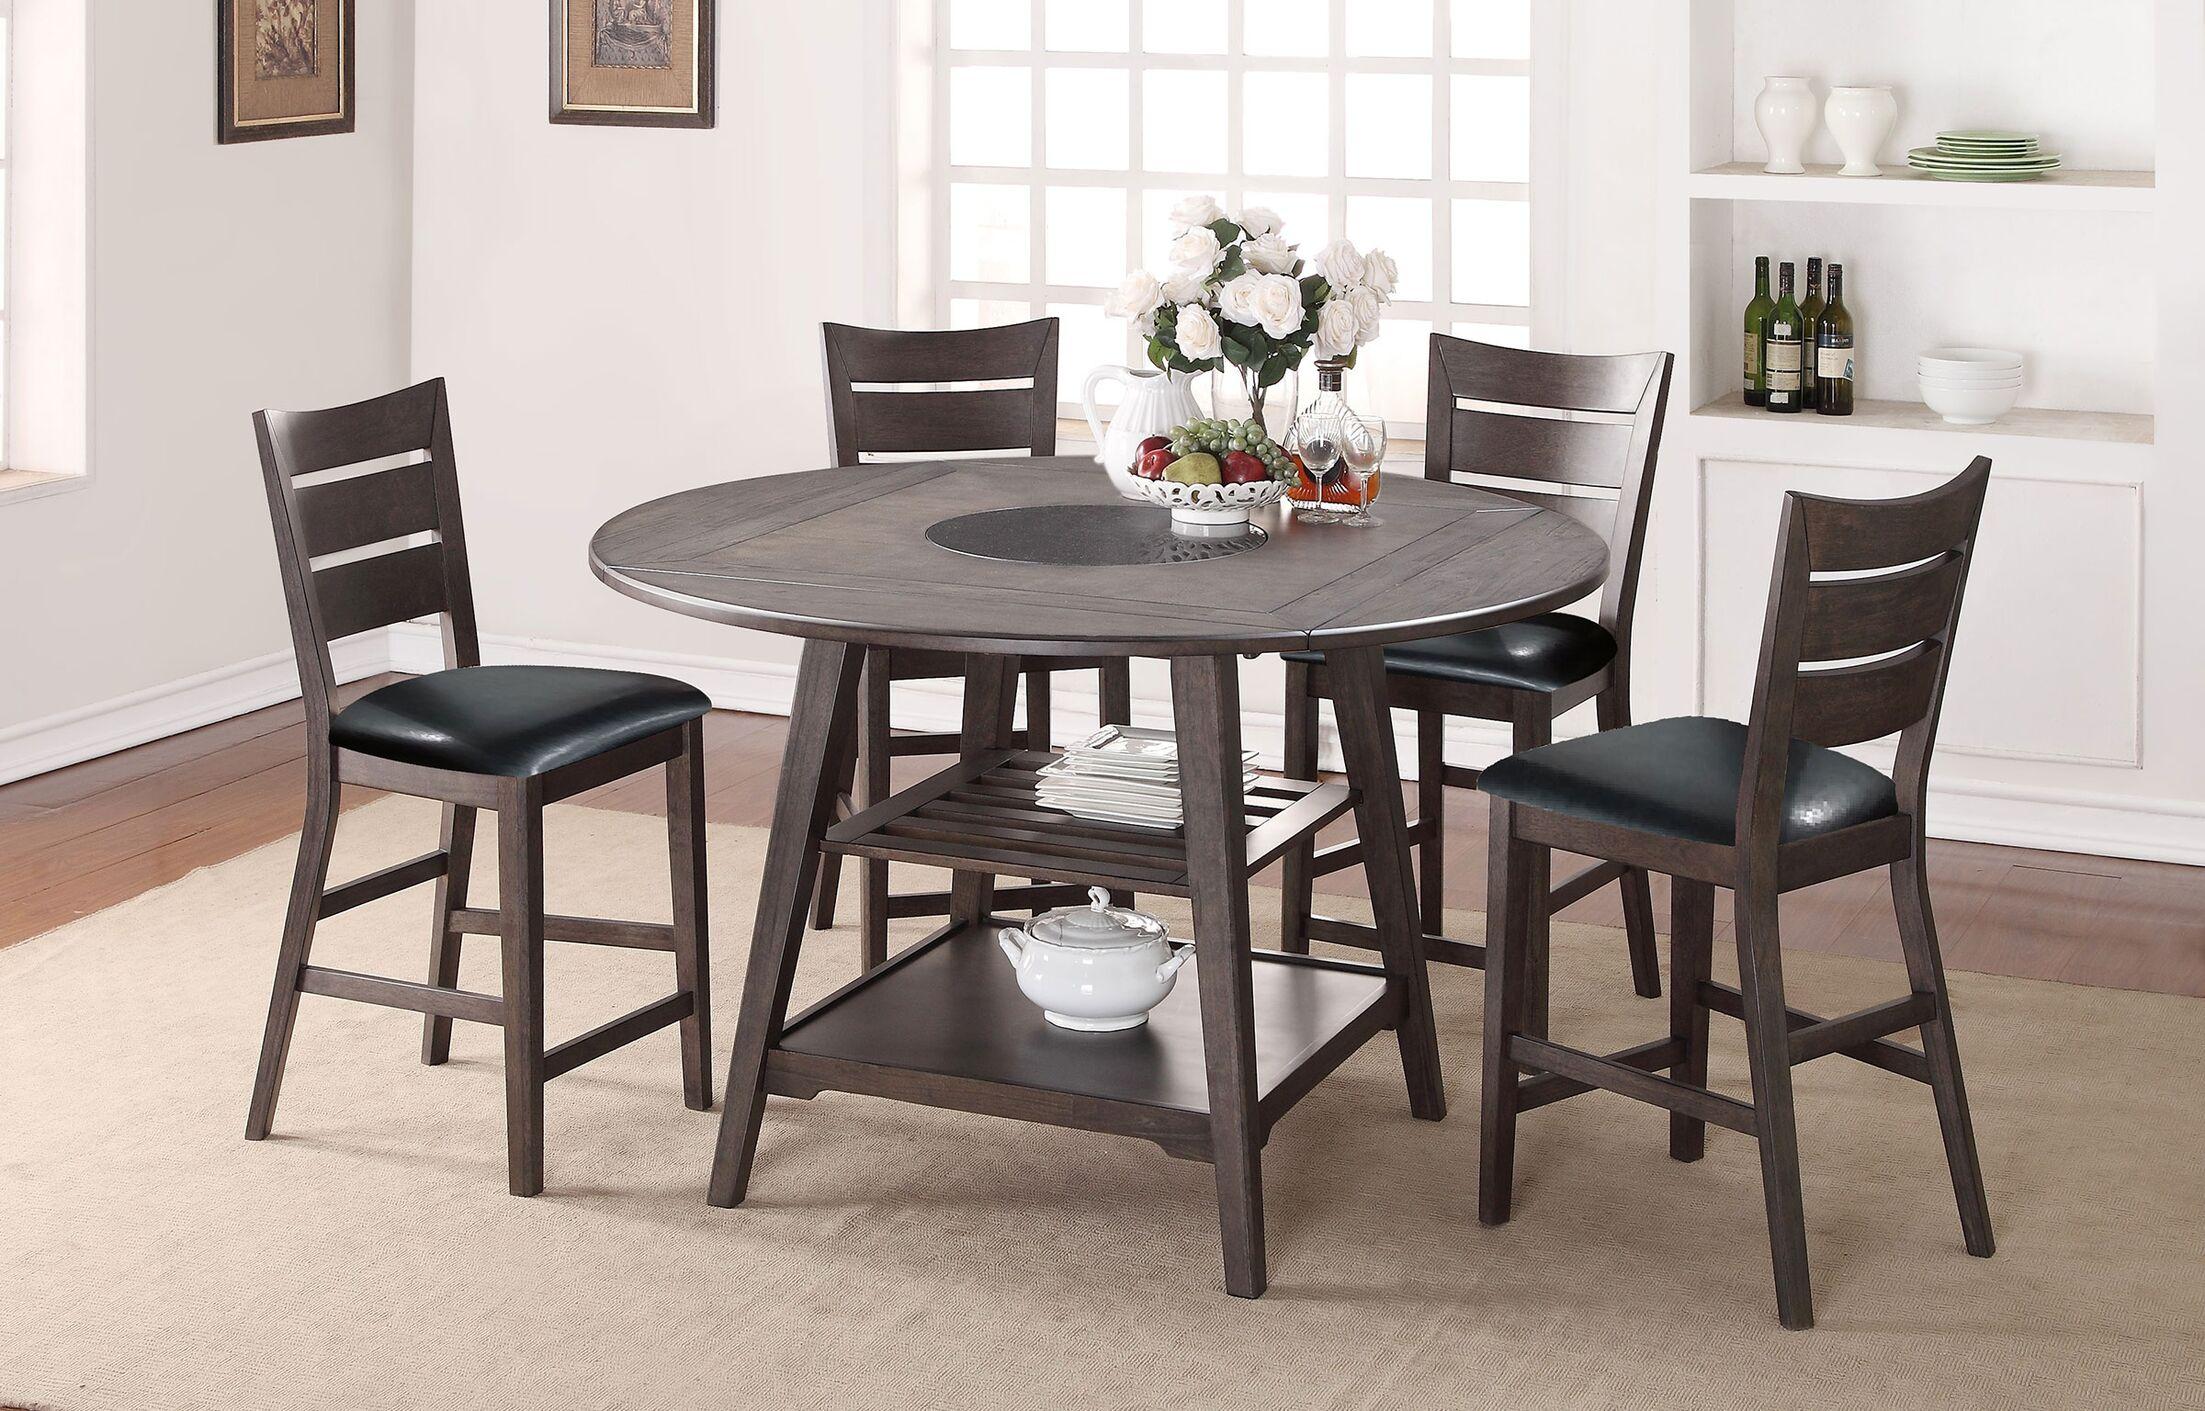 Caruso Sofa By Sunbrella Coffee Tables Ideas